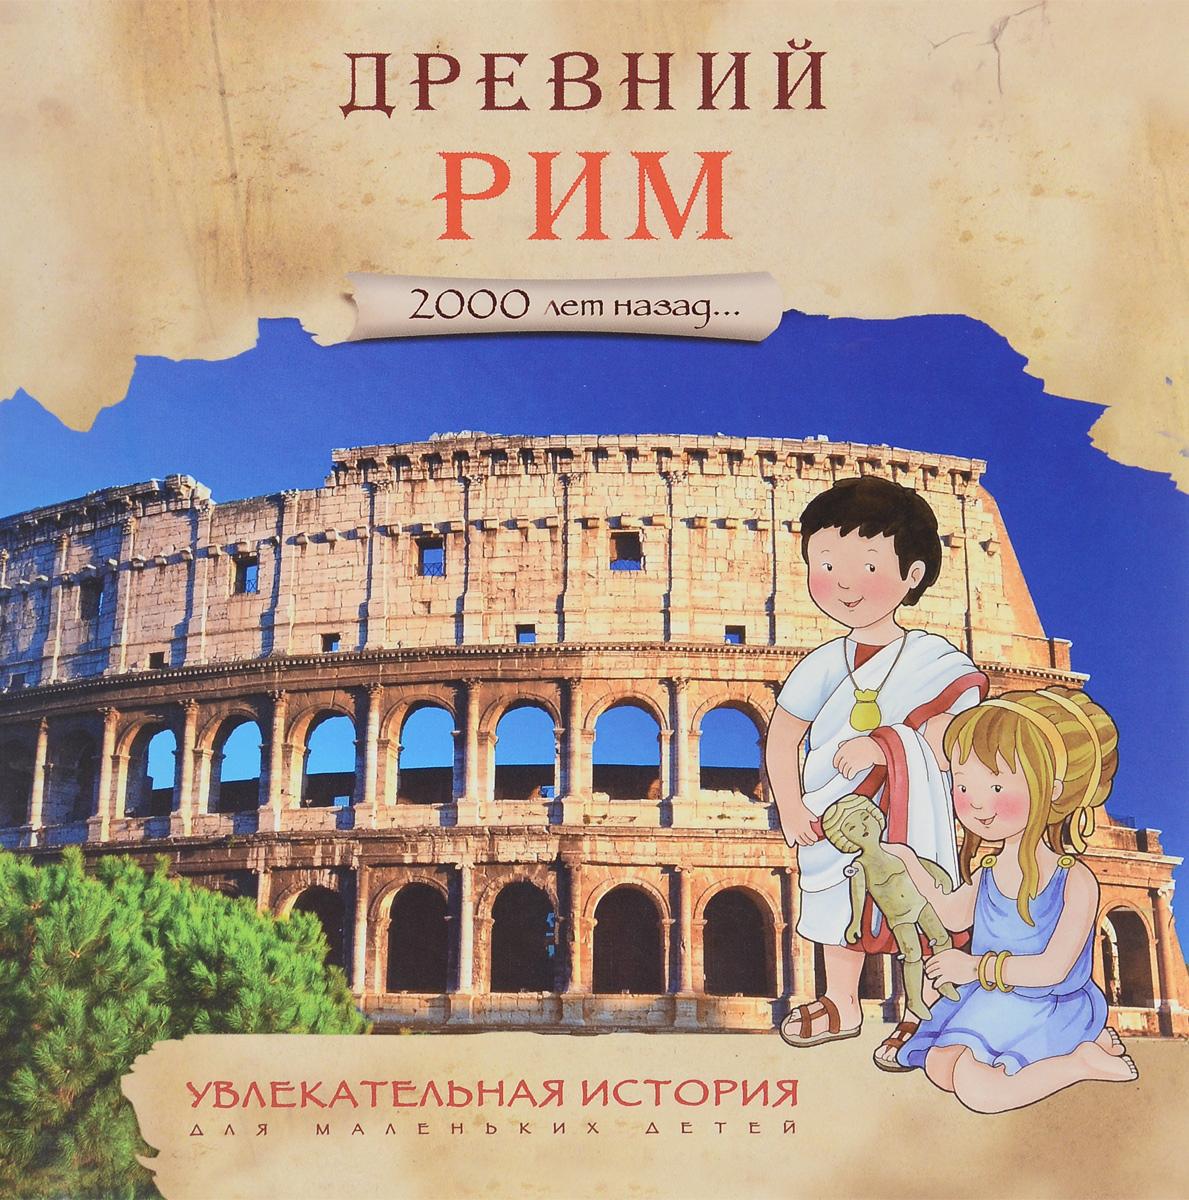 2000 лет назад. Древний Рим. Увлекательная история для маленьких детей ( 978-5-43150-930-8 )